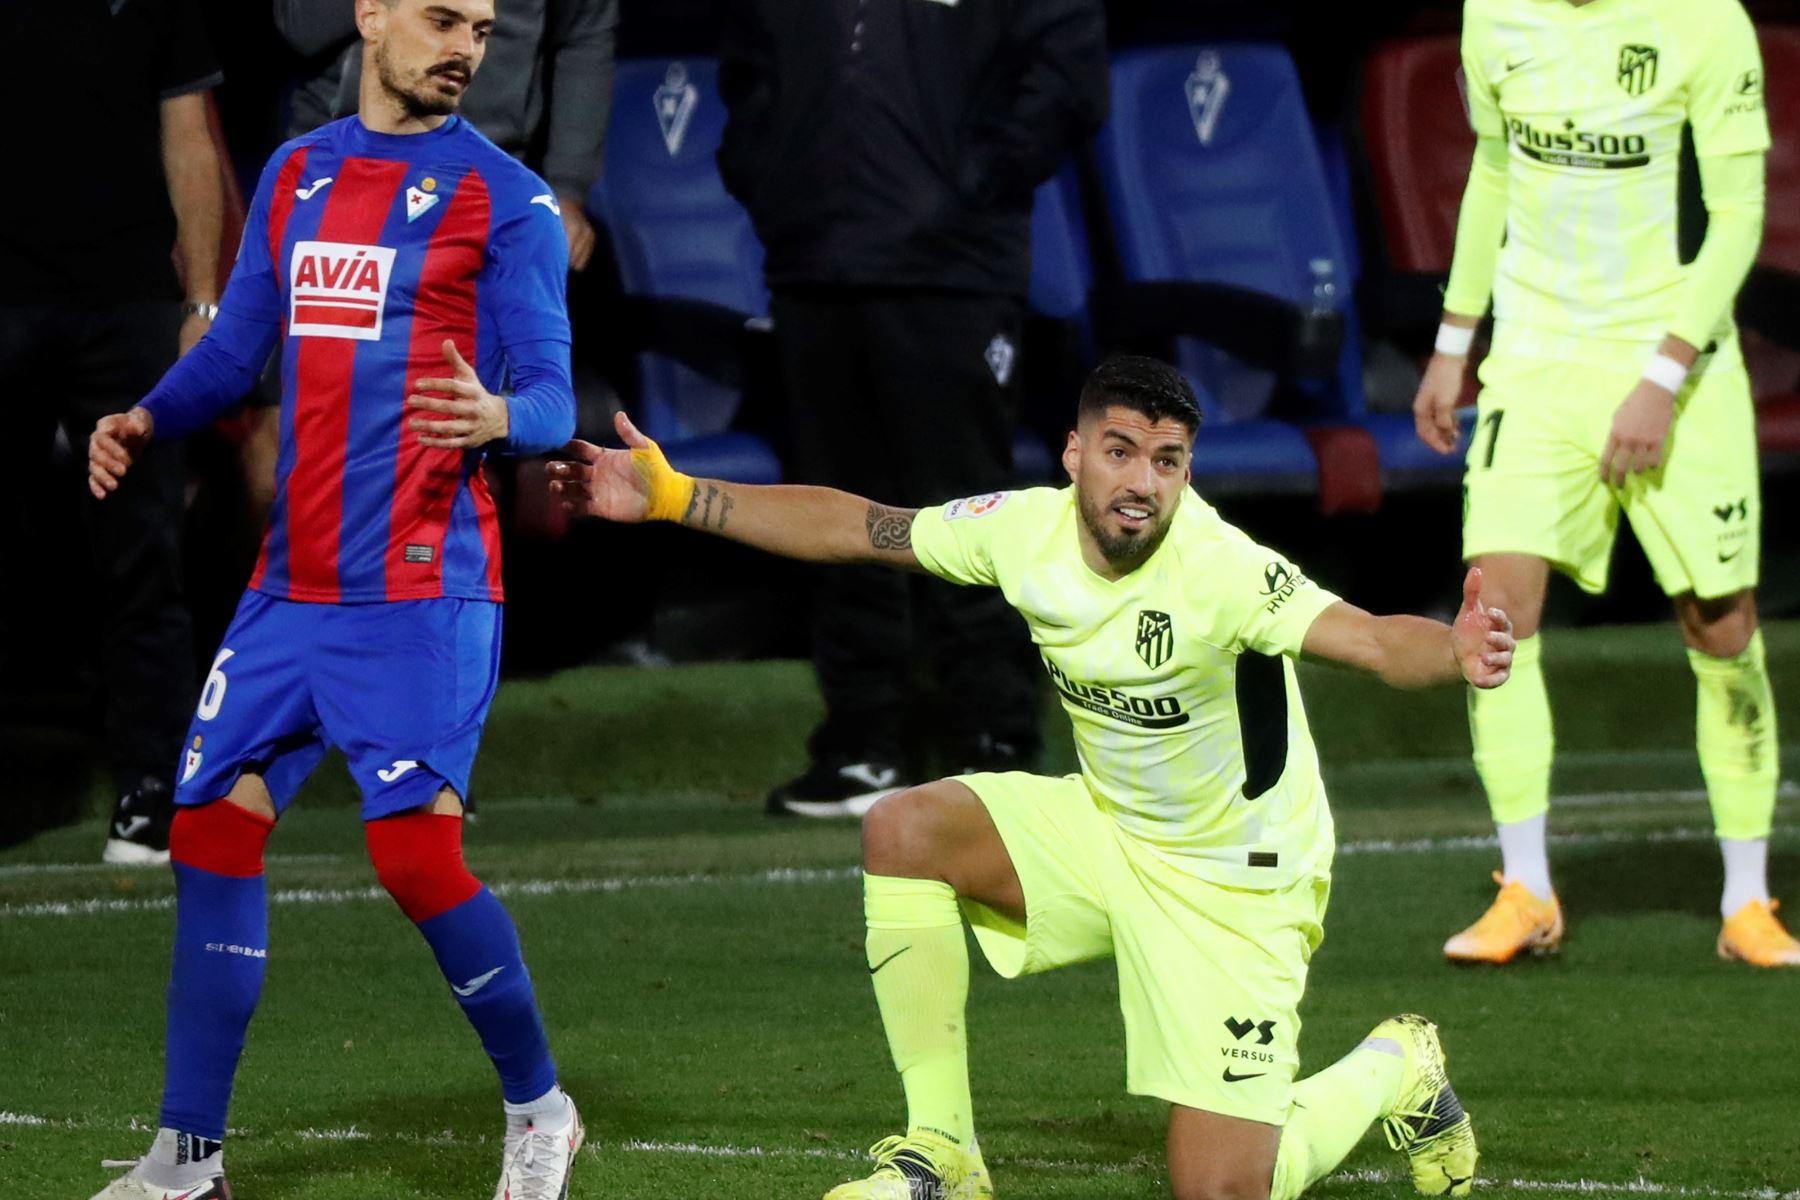 El delantero uruguayo del Atlético de Madrid, Luis Suárez, se queja de una entrada ante el centrocampista del Eibar, Sergio Álvarez, durante el encuentro correspondiente a la jornada 19 de primera división disputado  en el estadio Ipurua, en Eibar. Foto: EFE